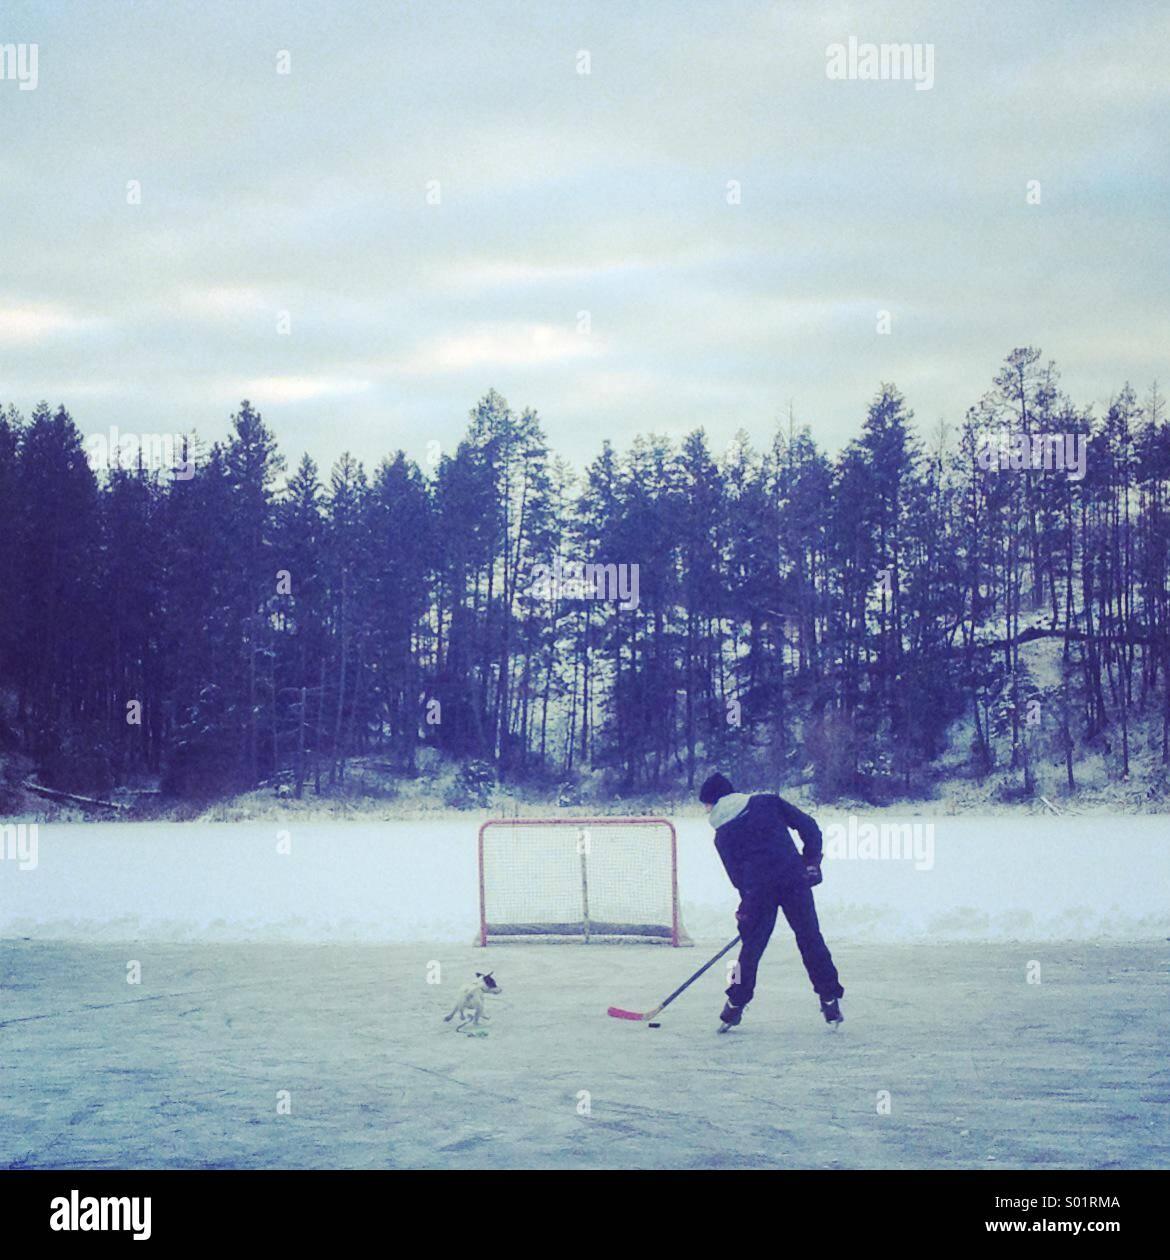 Paesaggio canadese: un ragazzo a giocare a hockey su un laghetto congelato con il suo cane nel rimorchio. Immagini Stock